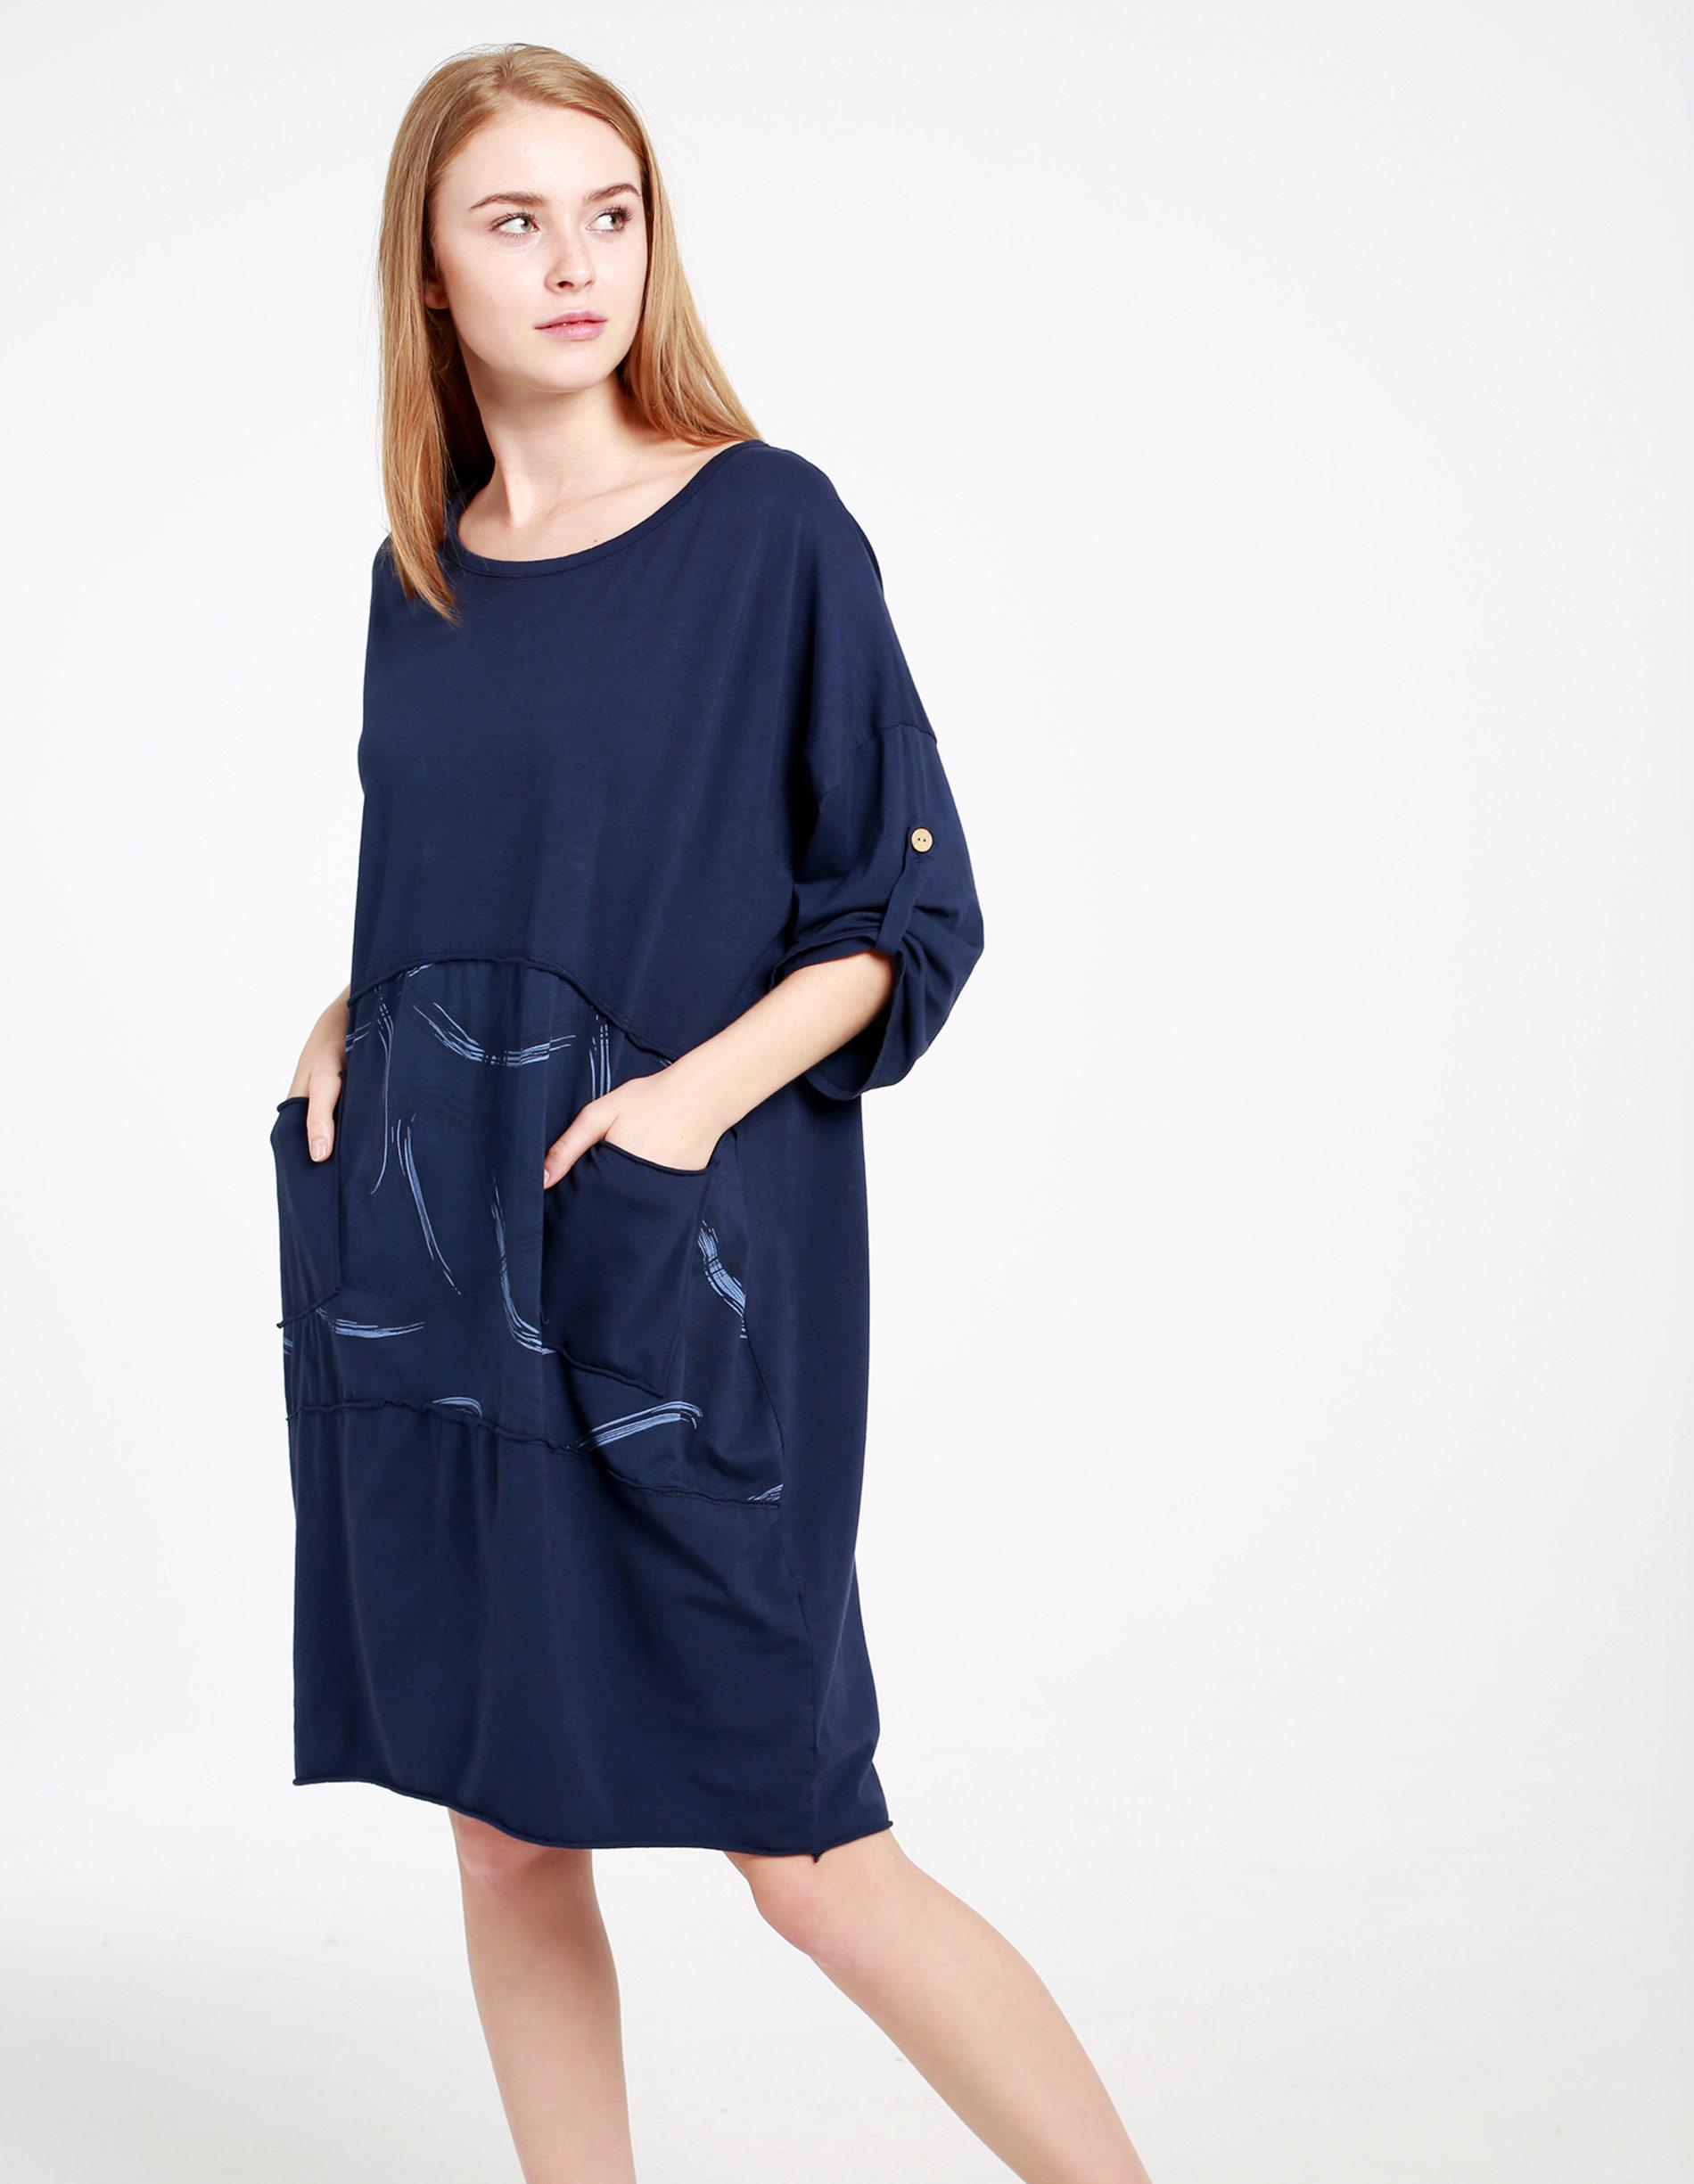 Sukienka - 109-8144 BLSC - Unisono